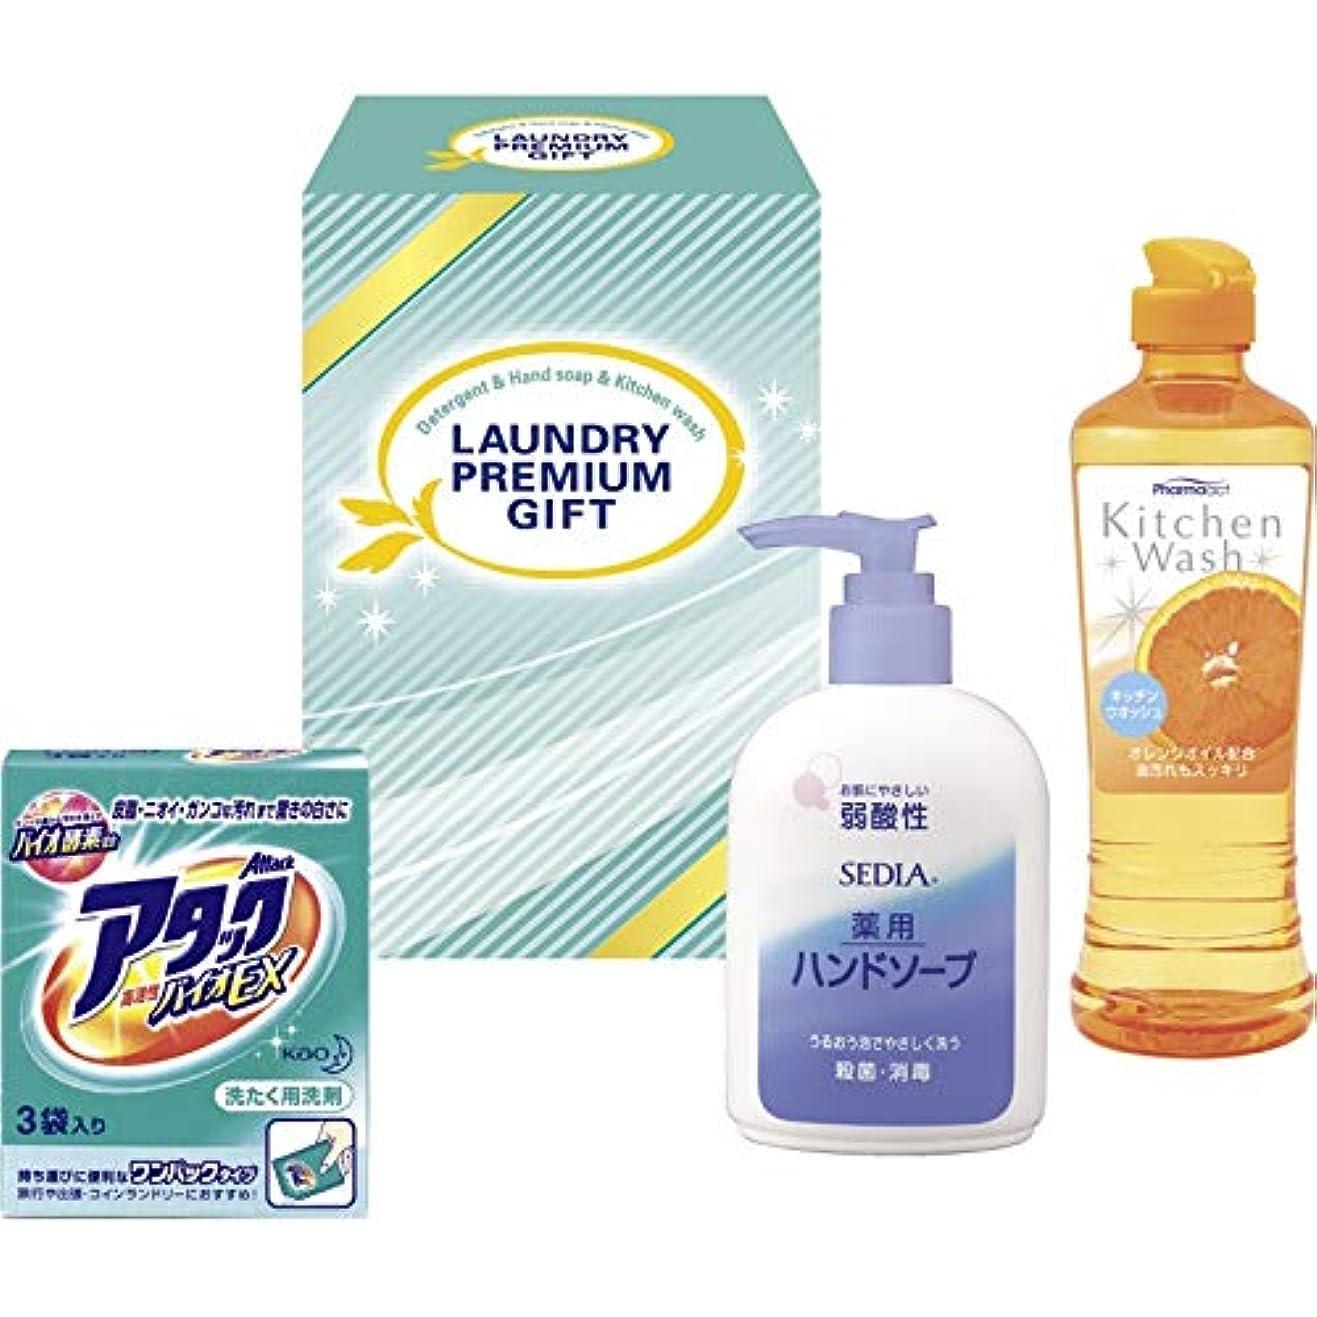 不適切な類似性やむを得ない洗剤プレミアムギフト NO.183 【洗剤 ハンドソープ 食器用洗剤 台所 かわいい 洗面所 水回り 】